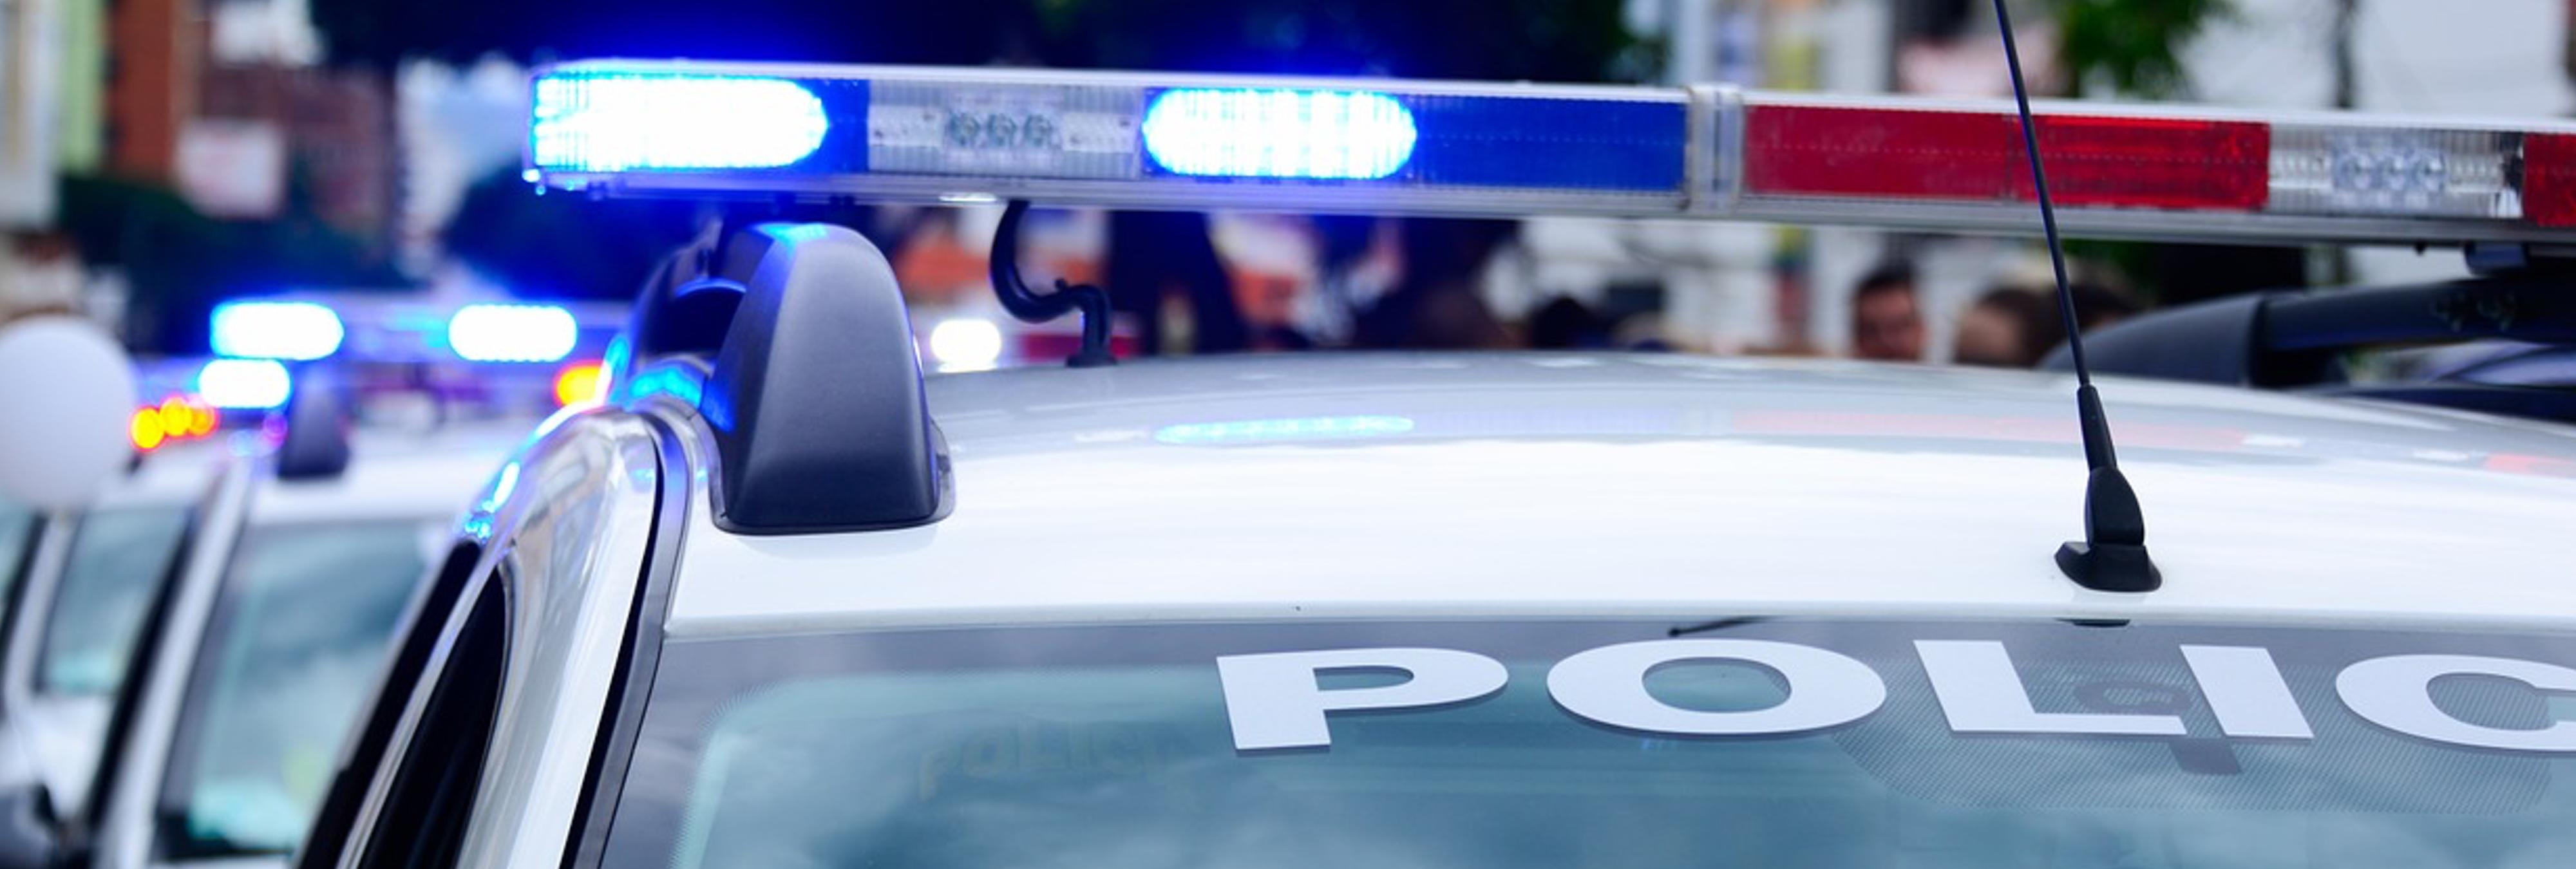 Roba un coche patrulla y lo retransmite en directo en Facebook